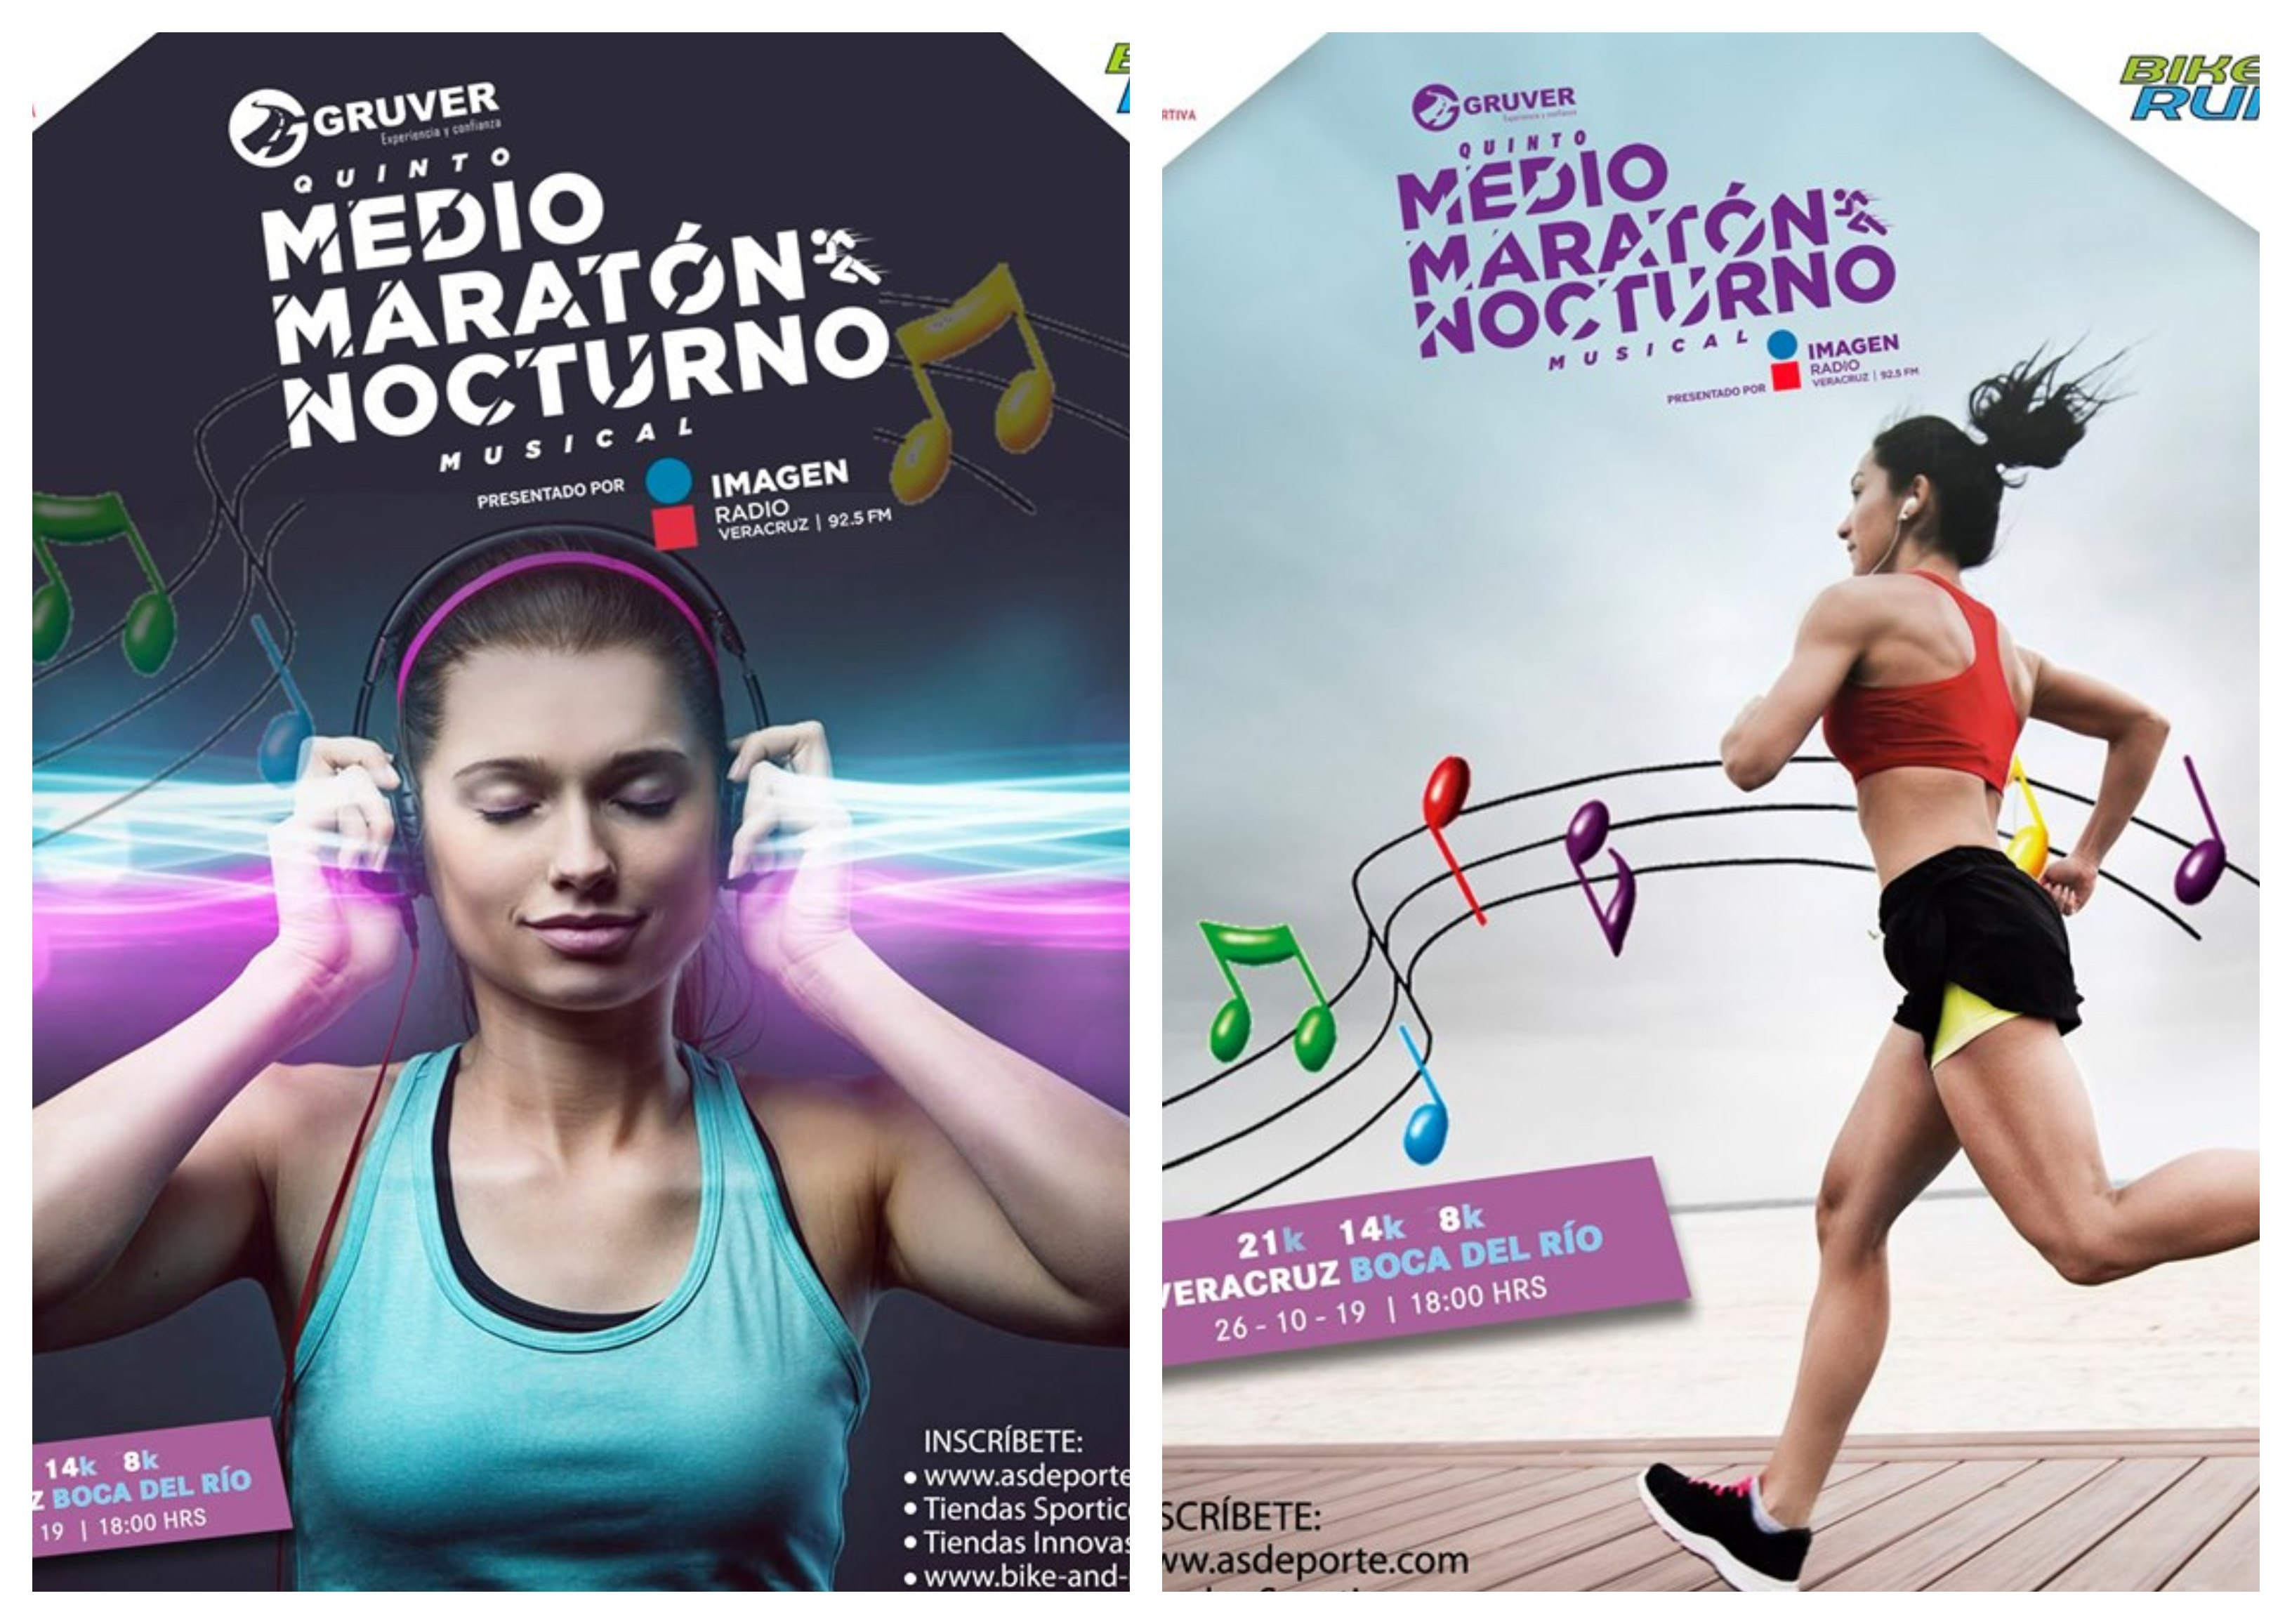 Presentan Quinto Medio Maratón Nocturno Musical Gruver